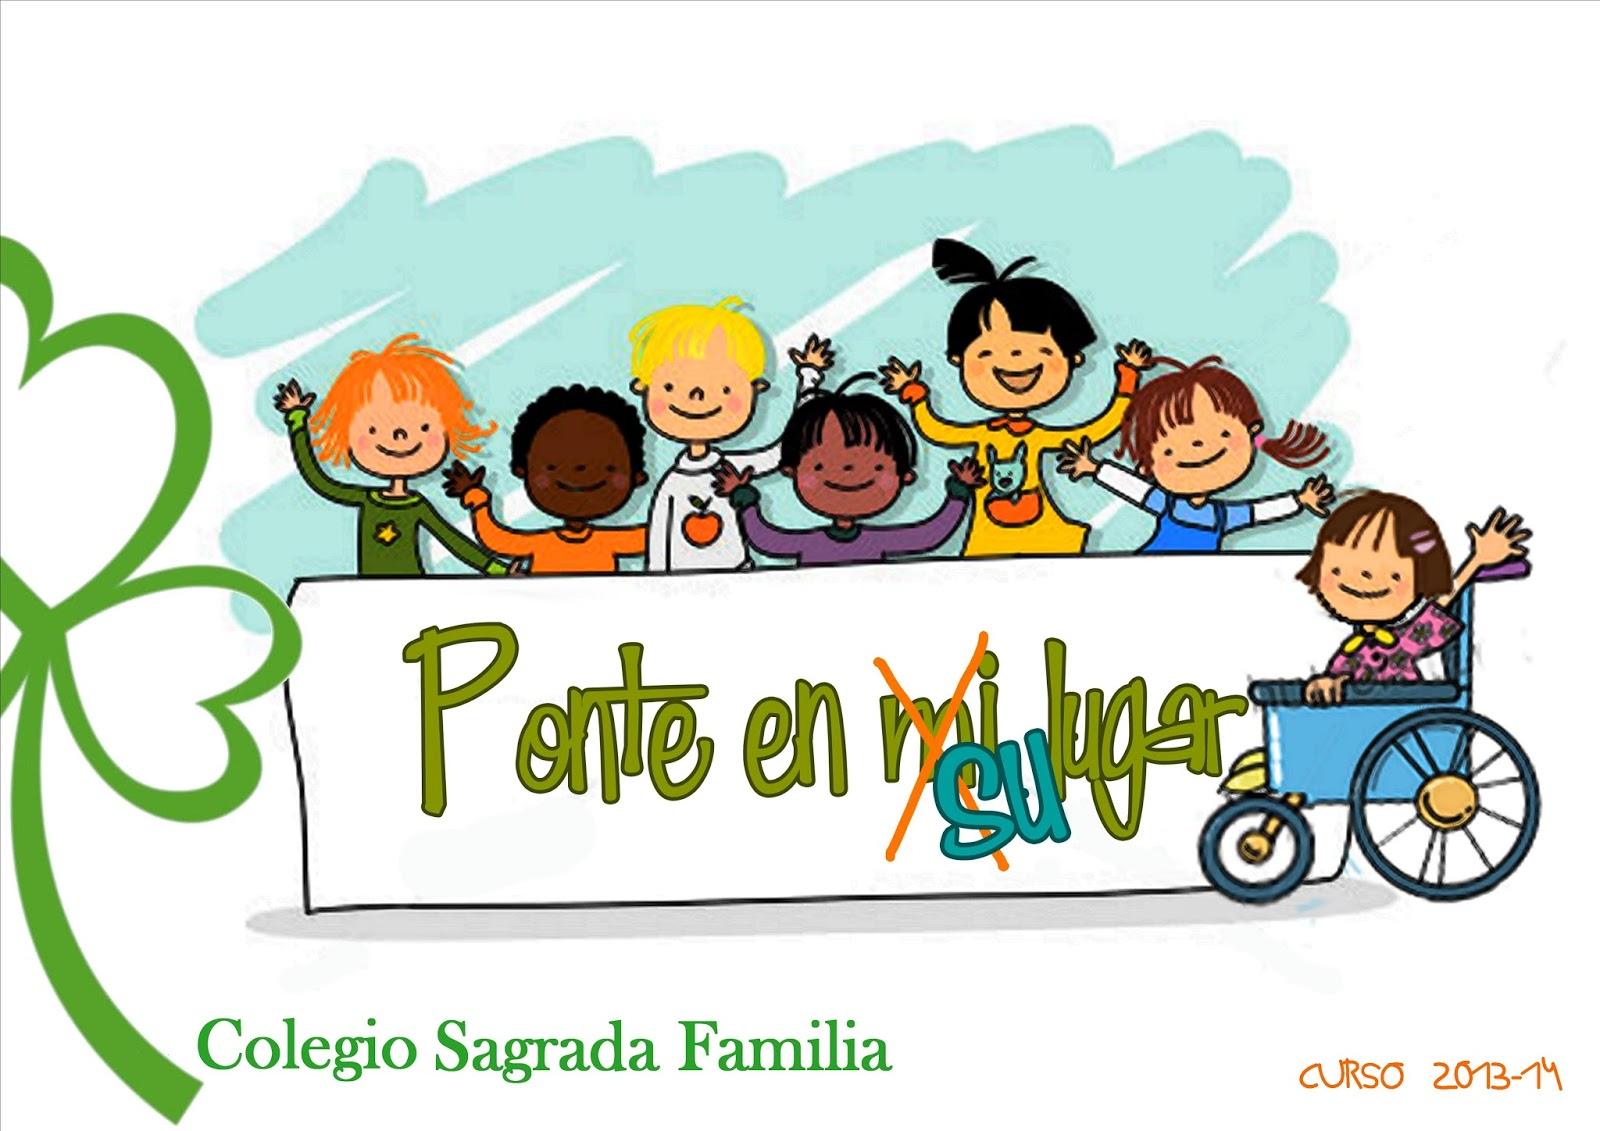 Discurso Graduacion Primaria De Padres | apexwallpapers.com